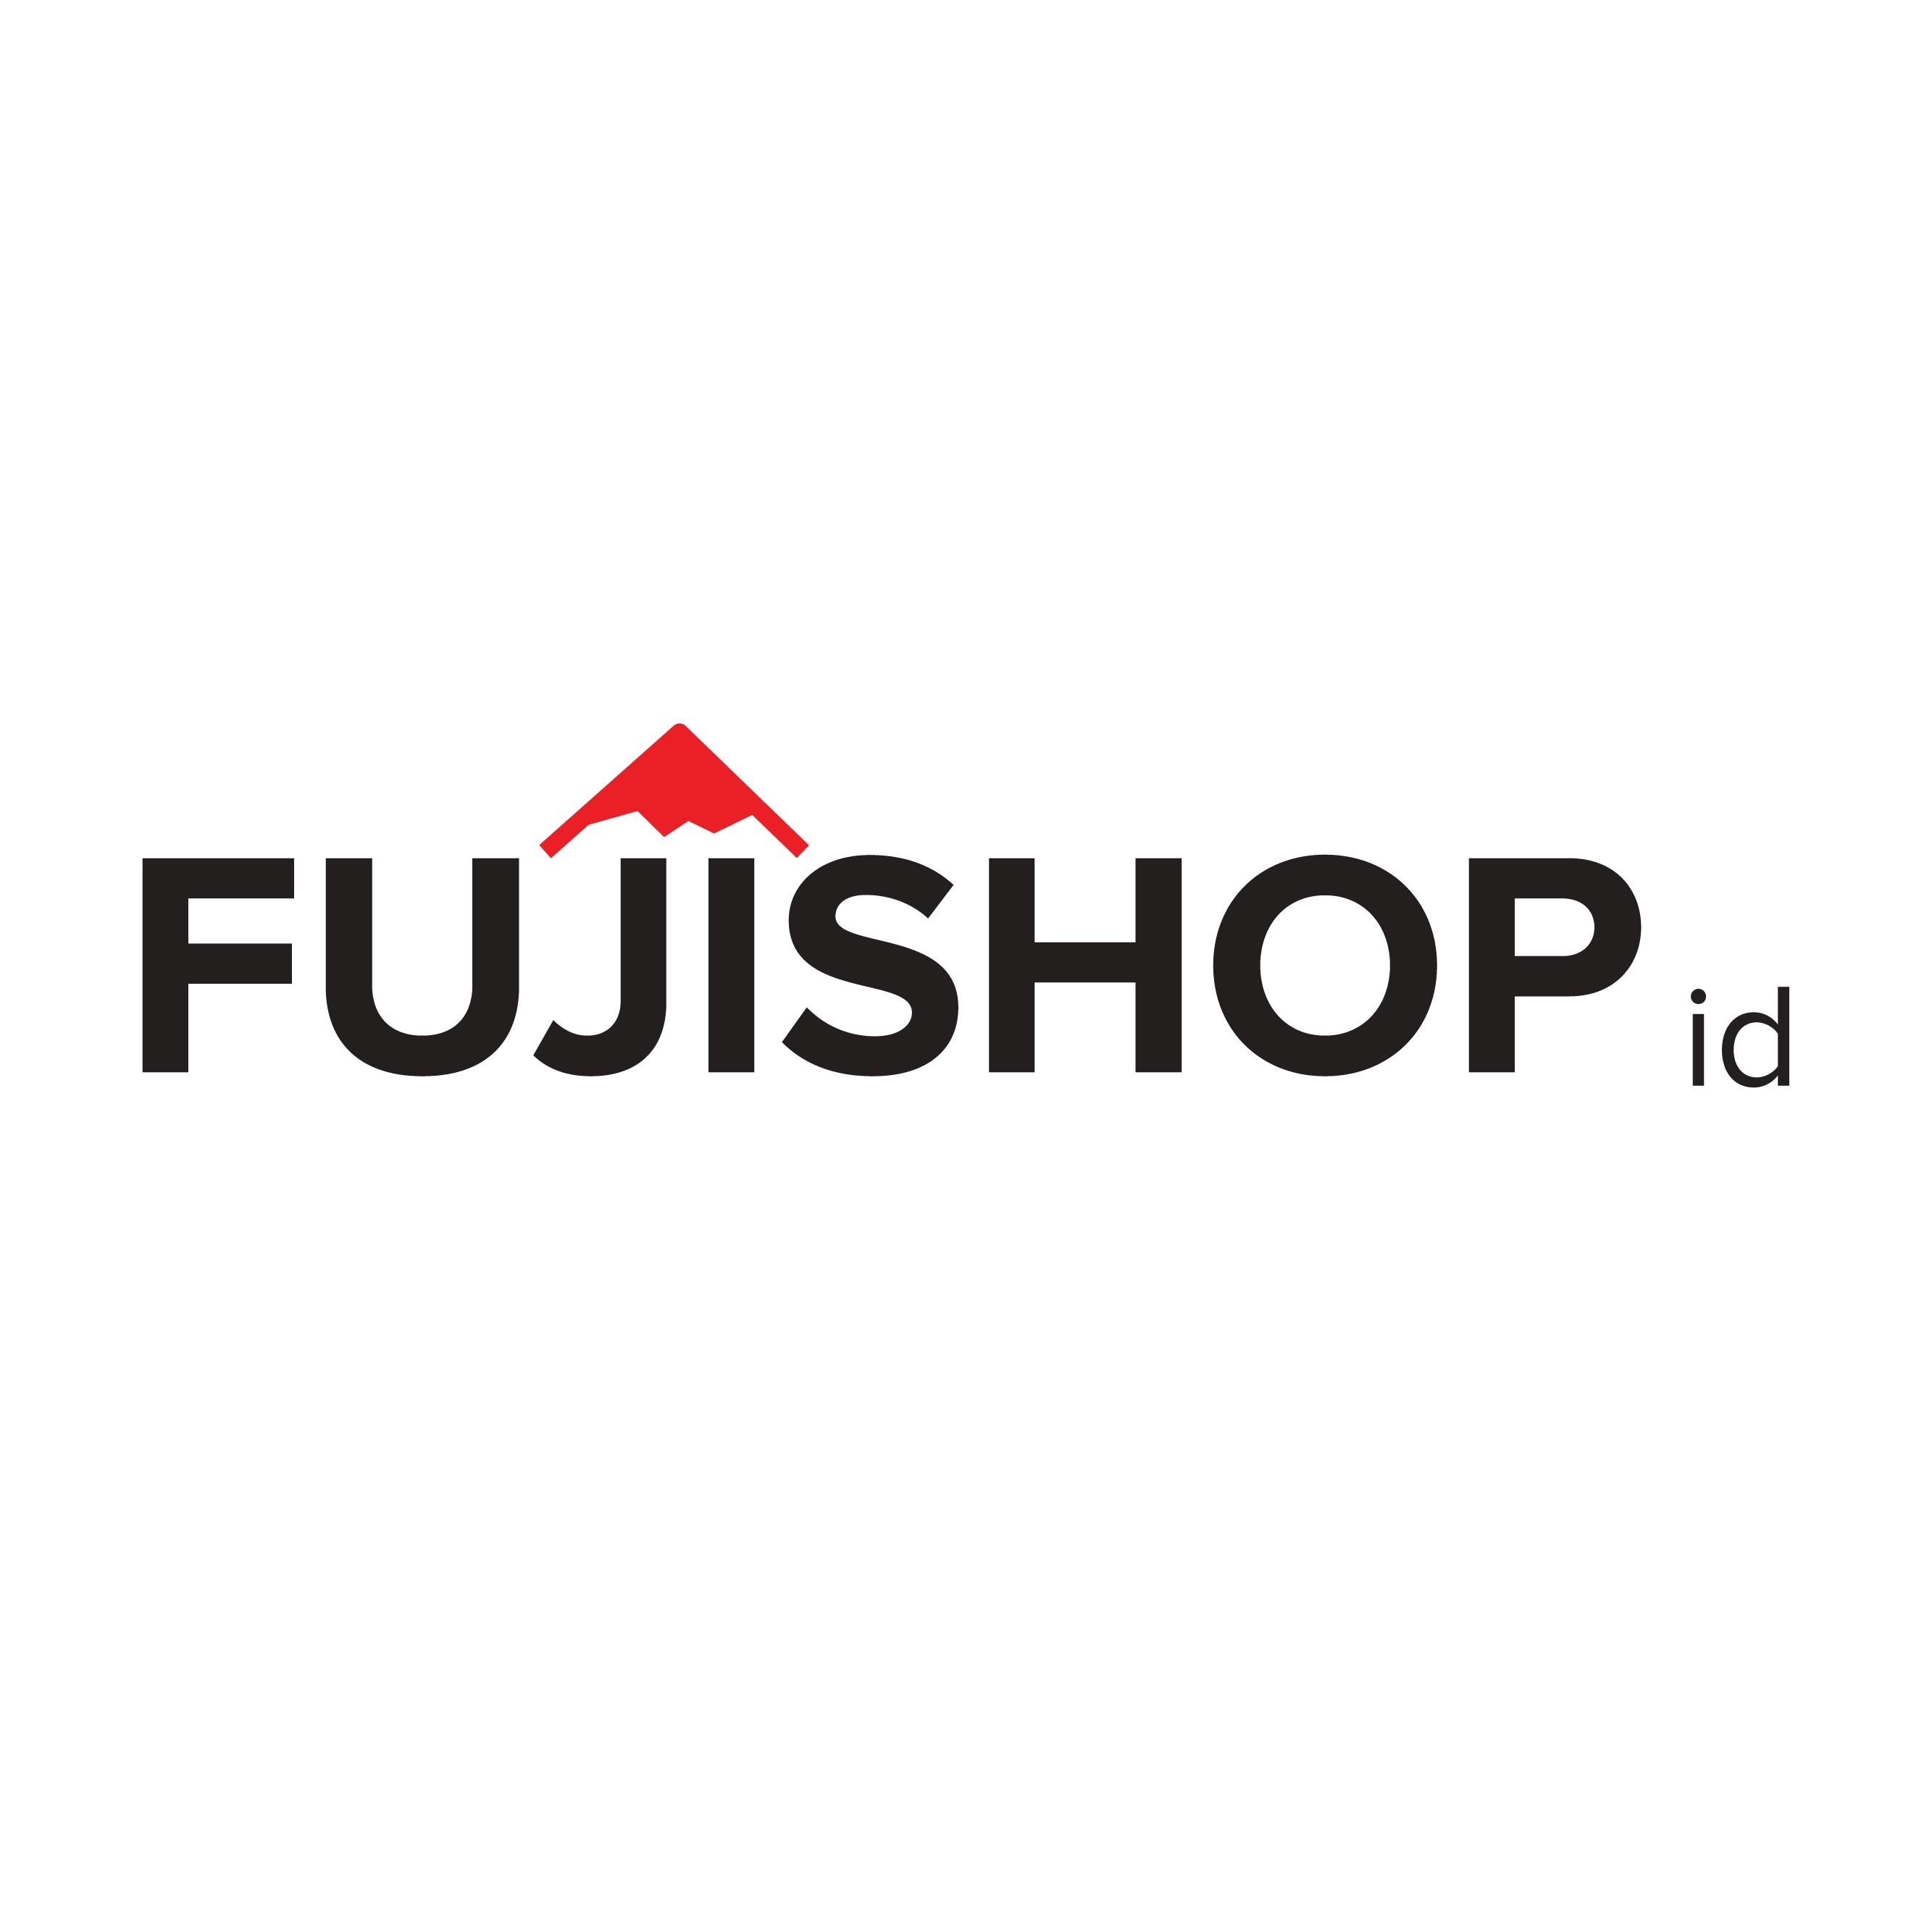 Jual Kamera Fujifilm Terbaru Murah Diskon Spektakuler X A5 Kit 15 45mm F 35 56 Ois Pz Brown Pwp 35mm 2 Fujishopid